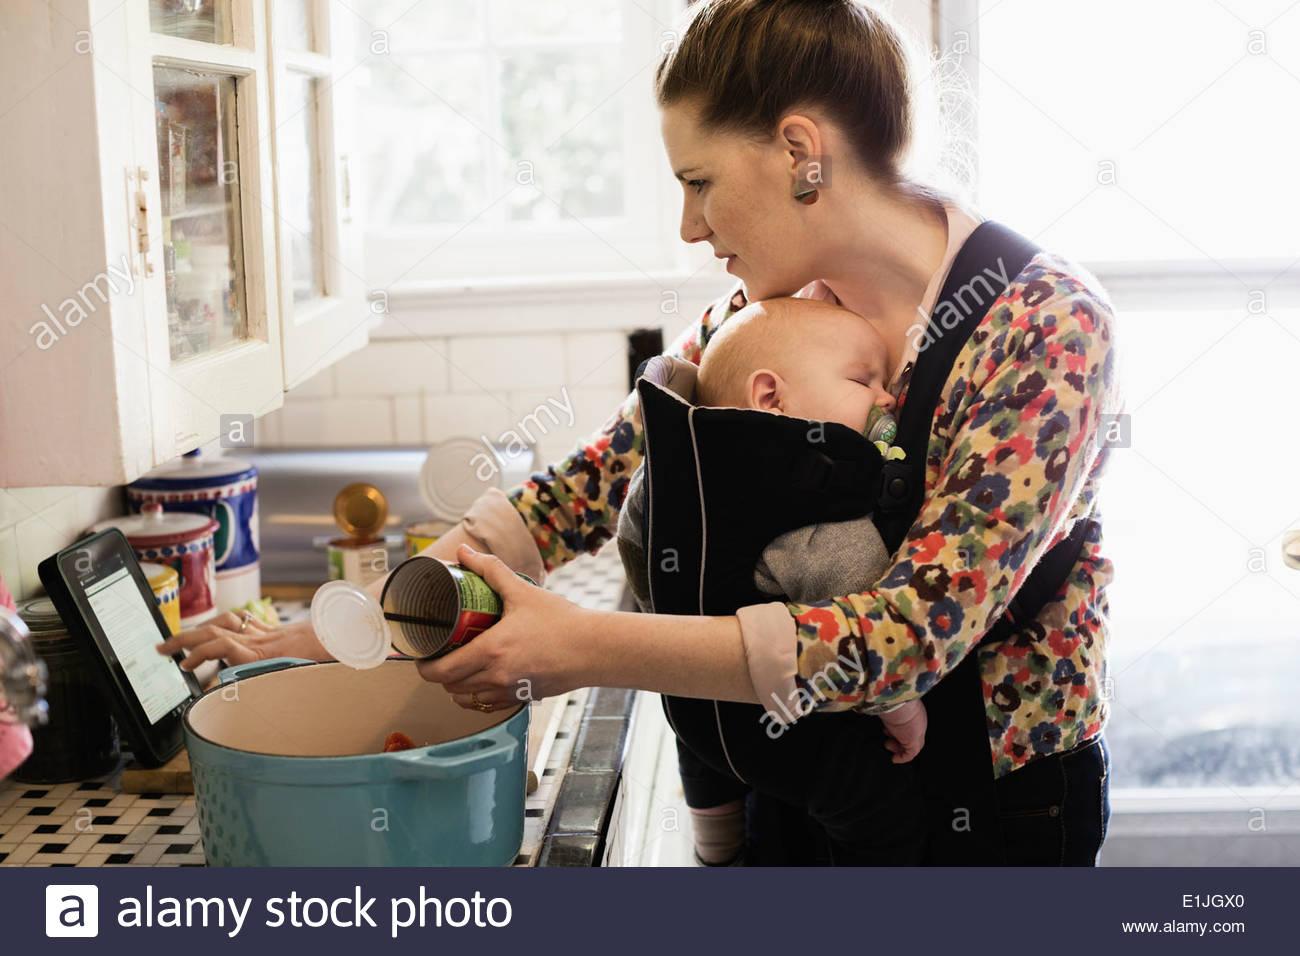 Adulto medio madre con su hijo en cabestrillo preparando la comida en la cocina Imagen De Stock